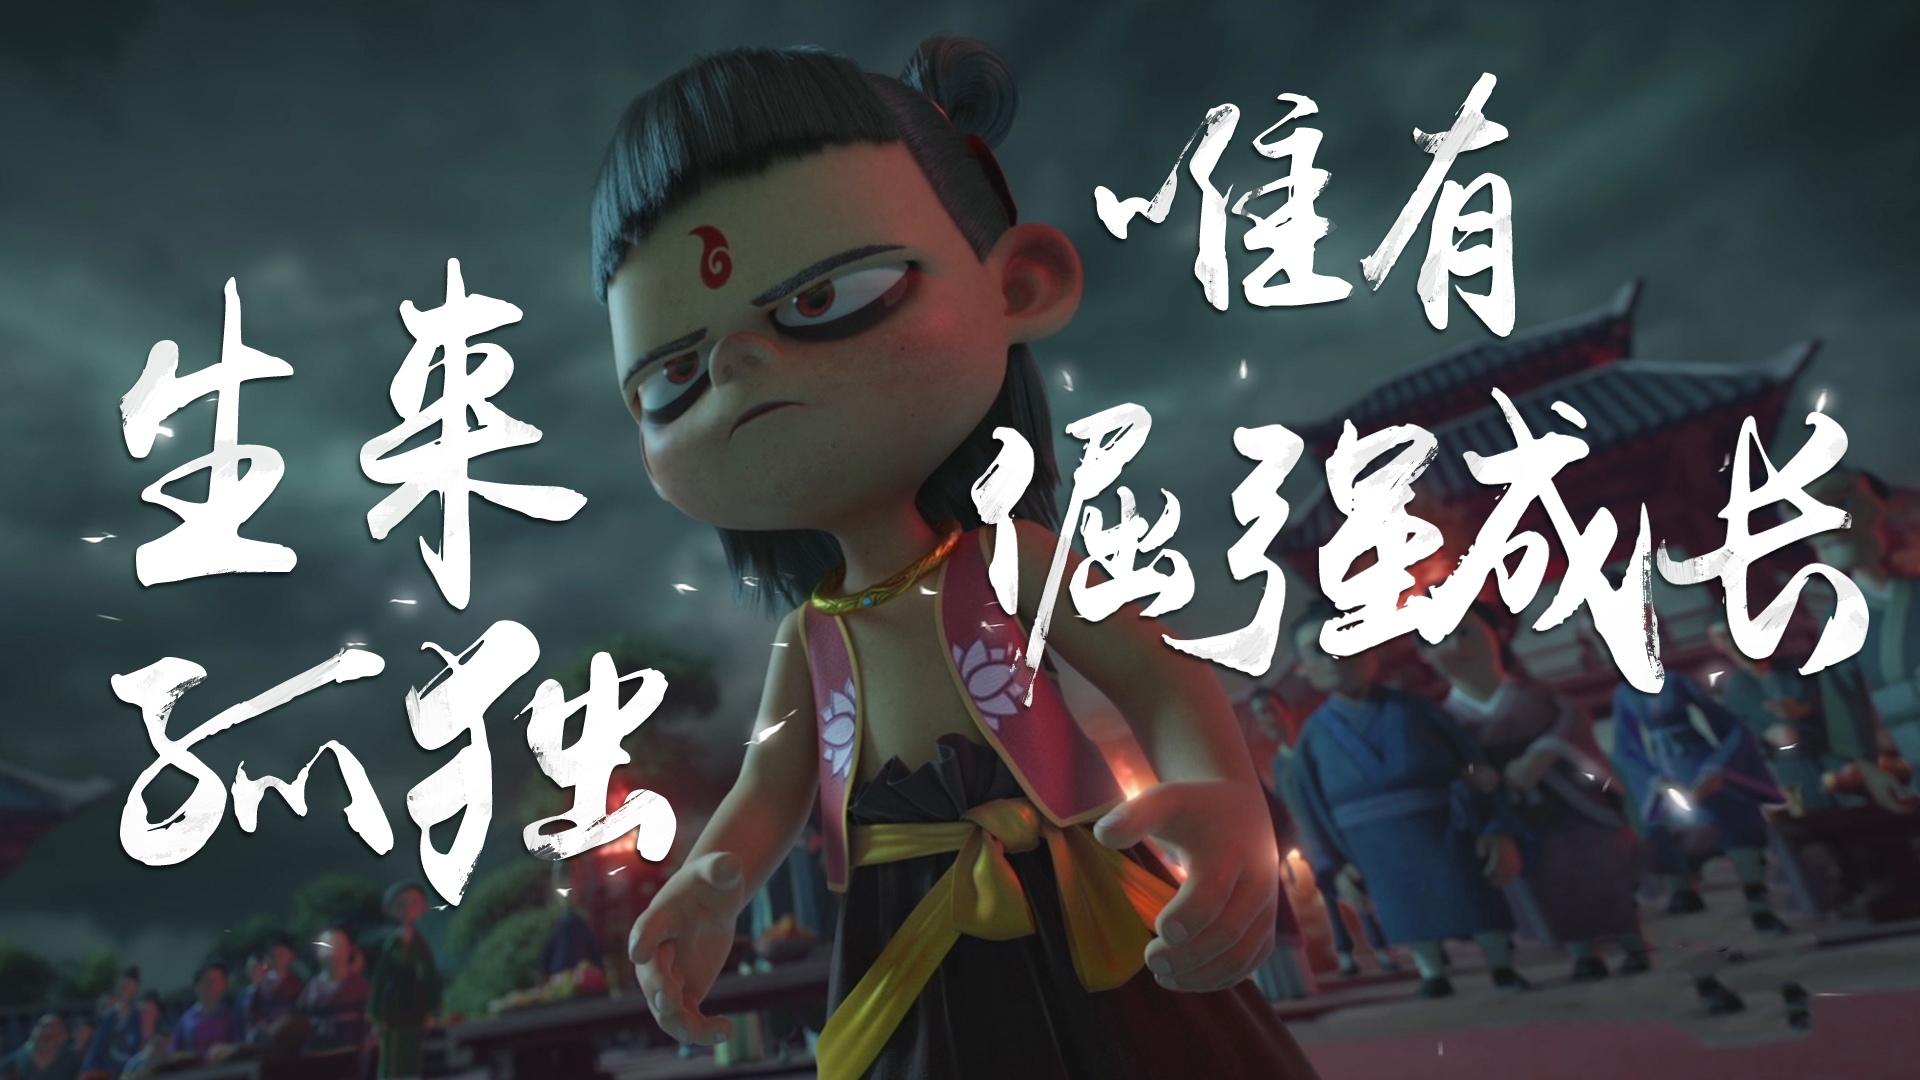 国产动画电影《哪吒之魔童降世》